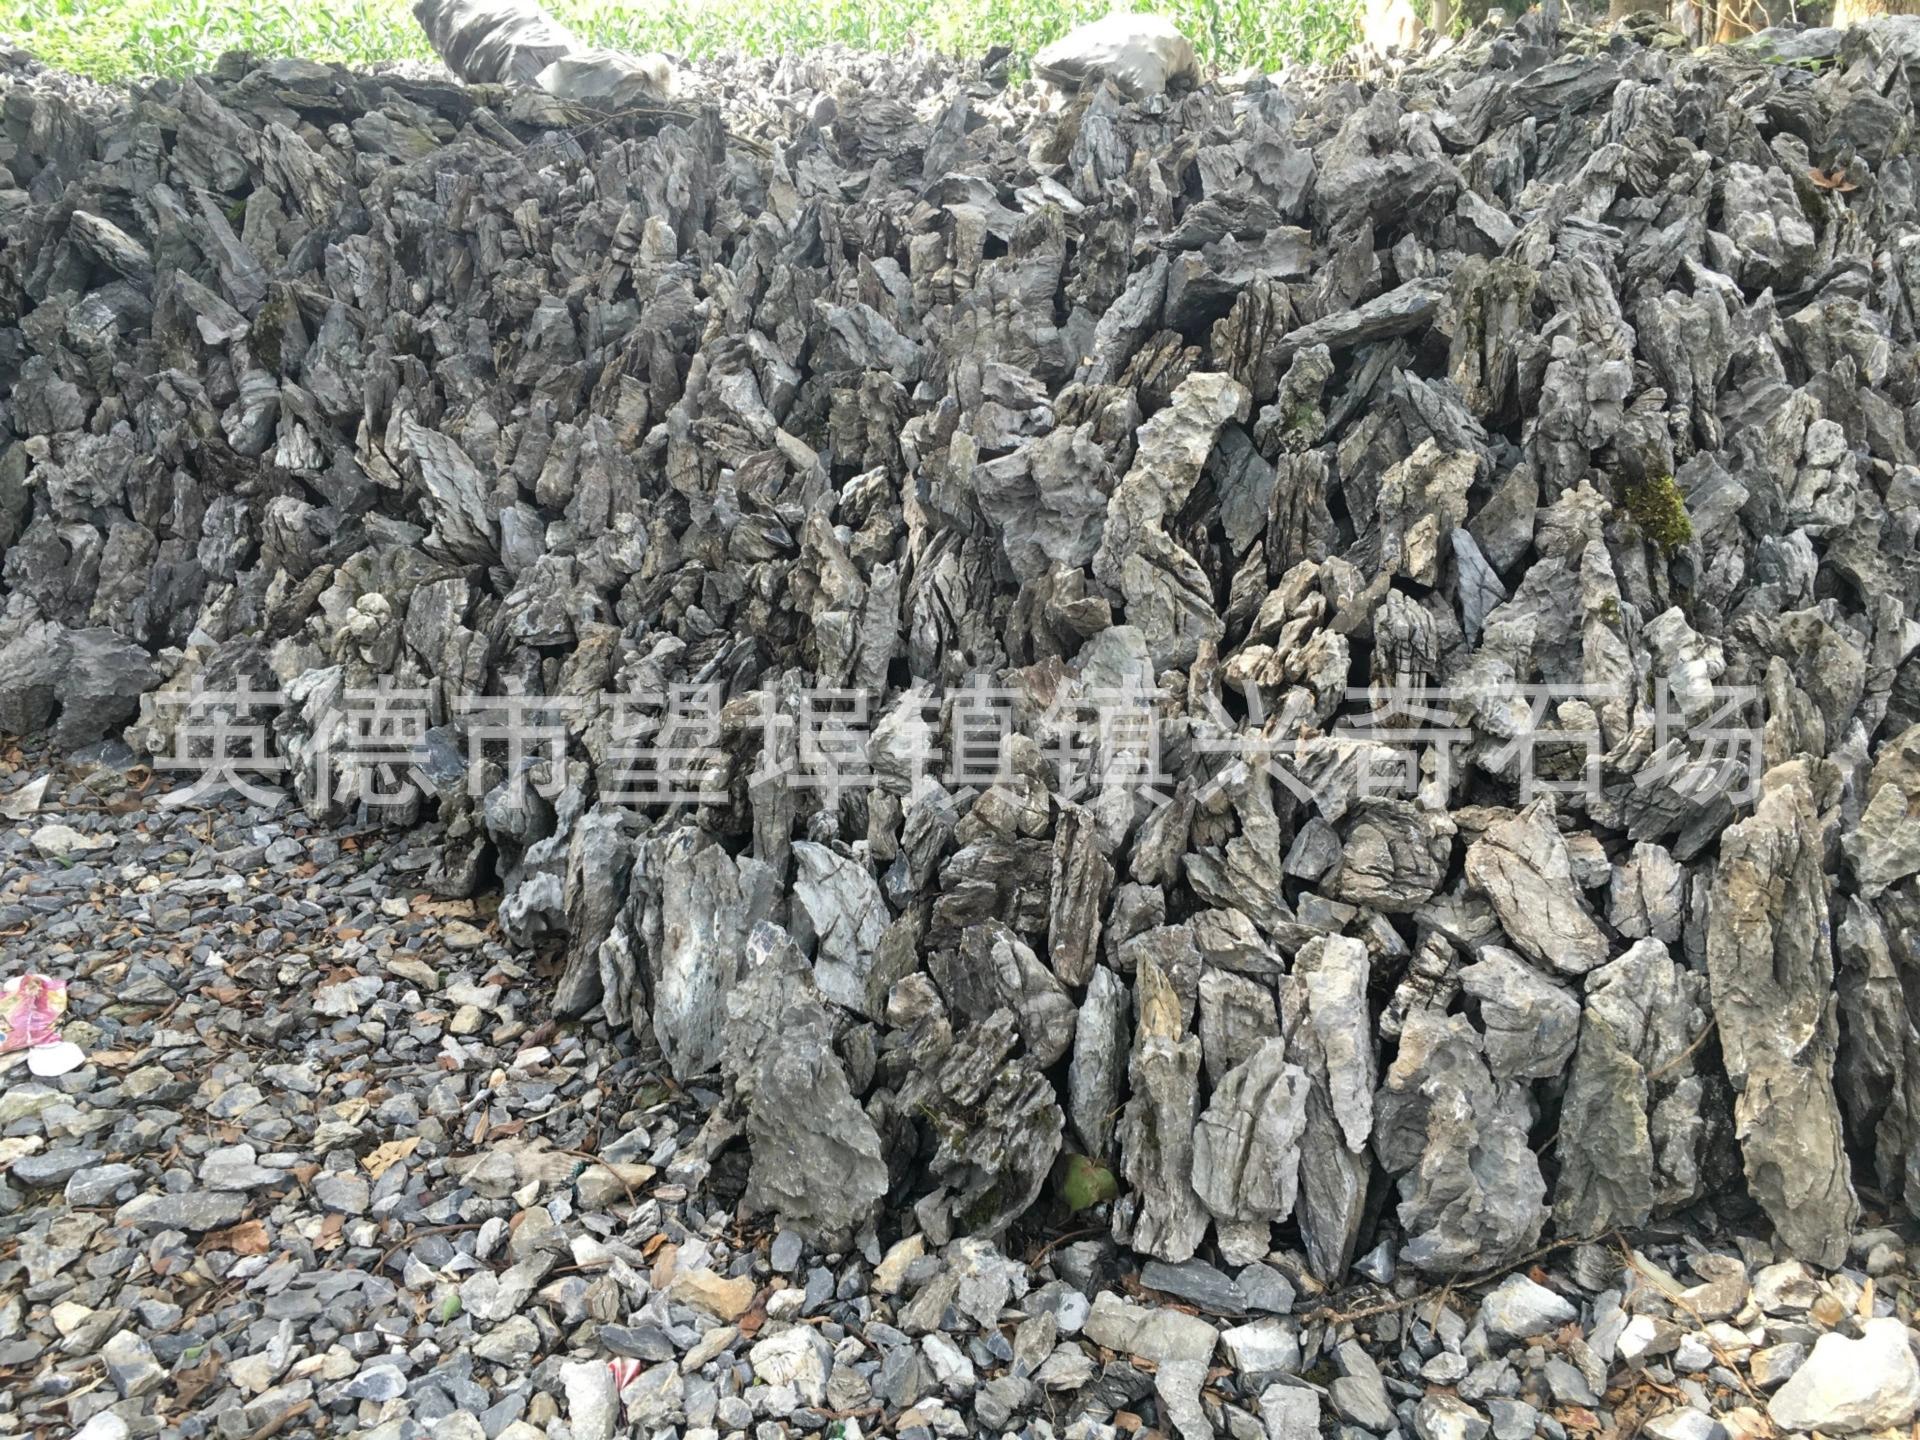 供应酸洗青龙石 供应青龙石 青龙石厂家 盆景假山青龙石 青龙石英石批发